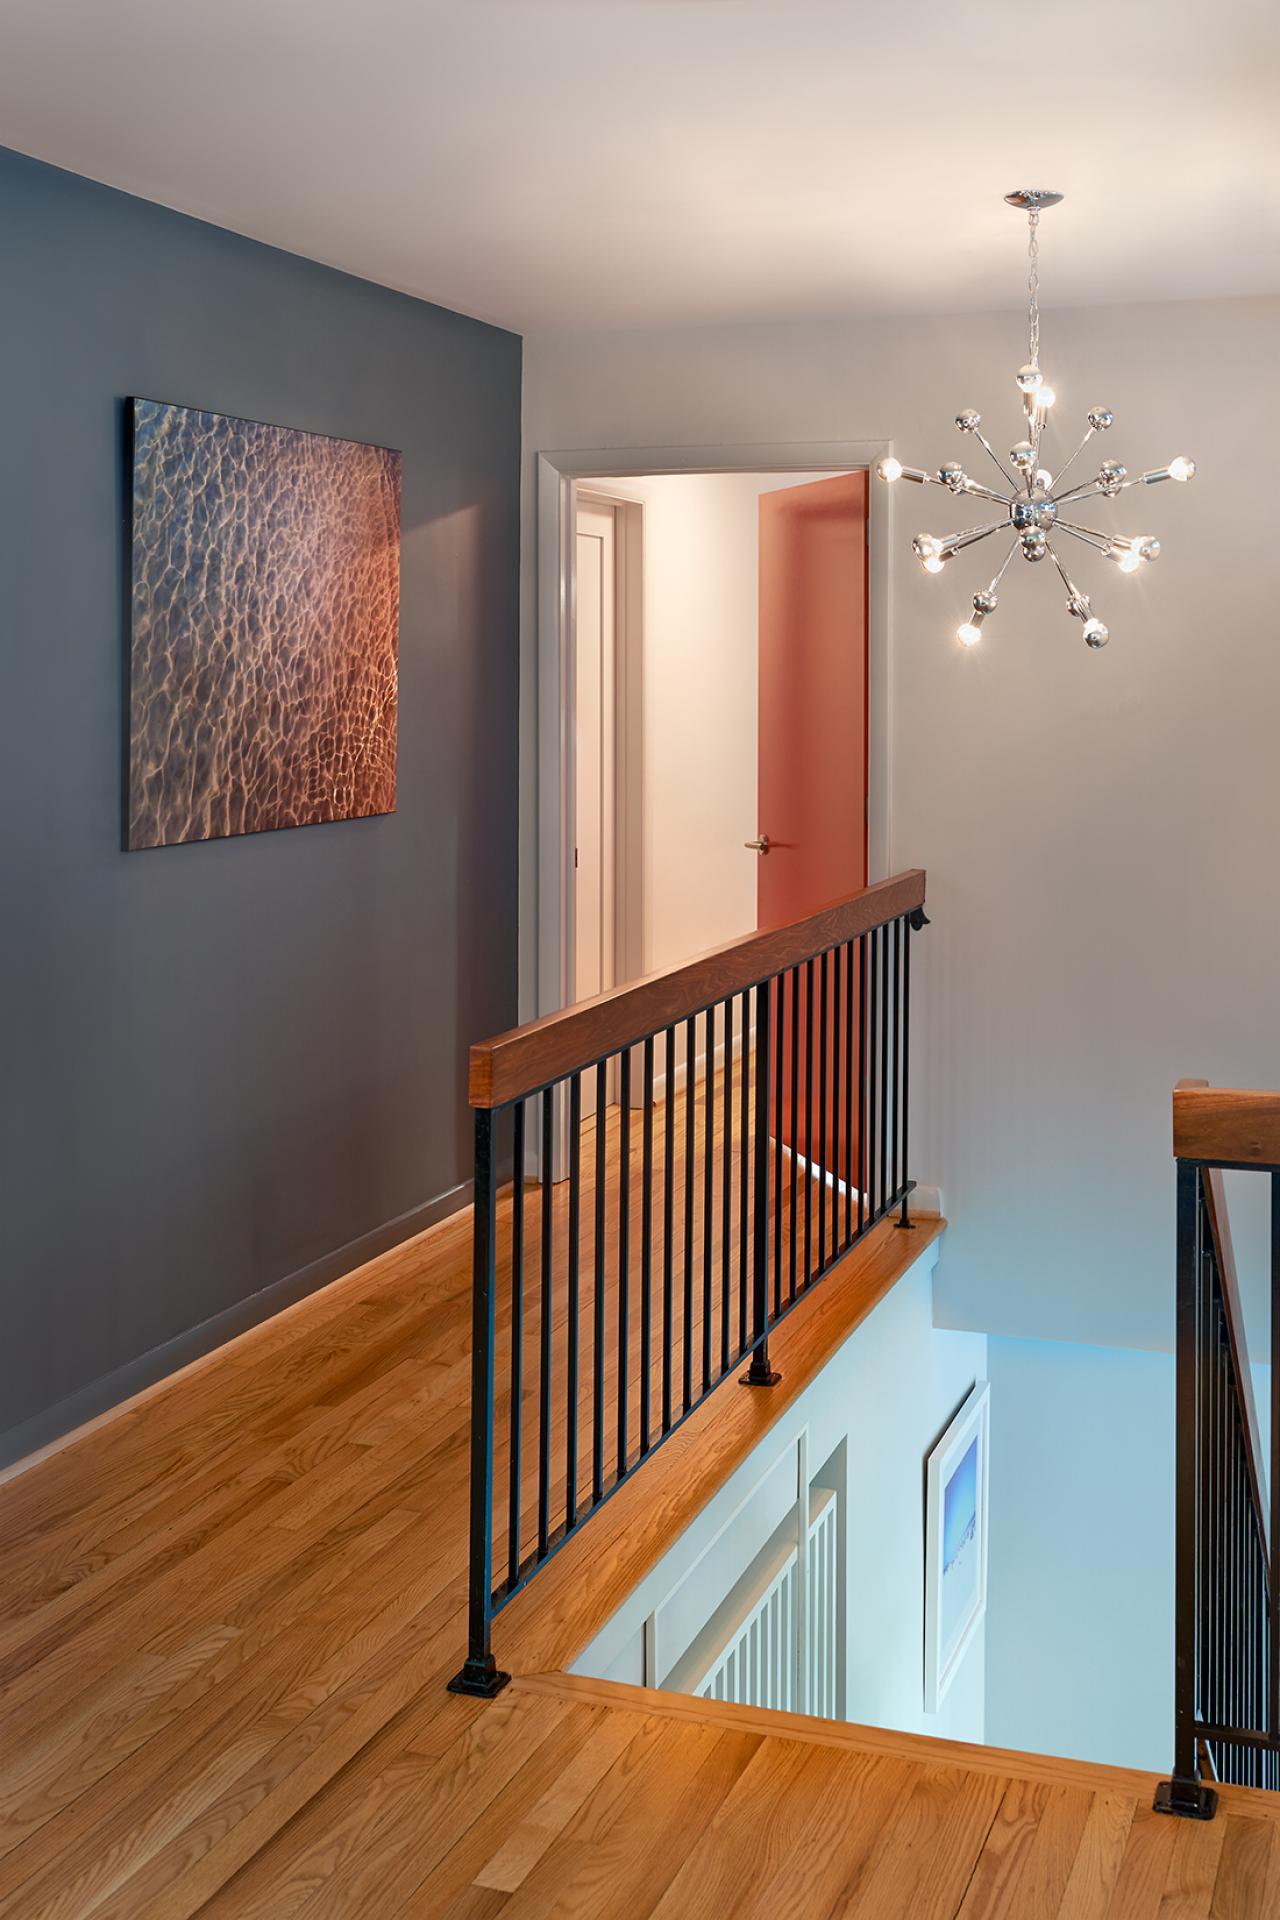 lakefront bargain hunt hgtv. Black Bedroom Furniture Sets. Home Design Ideas